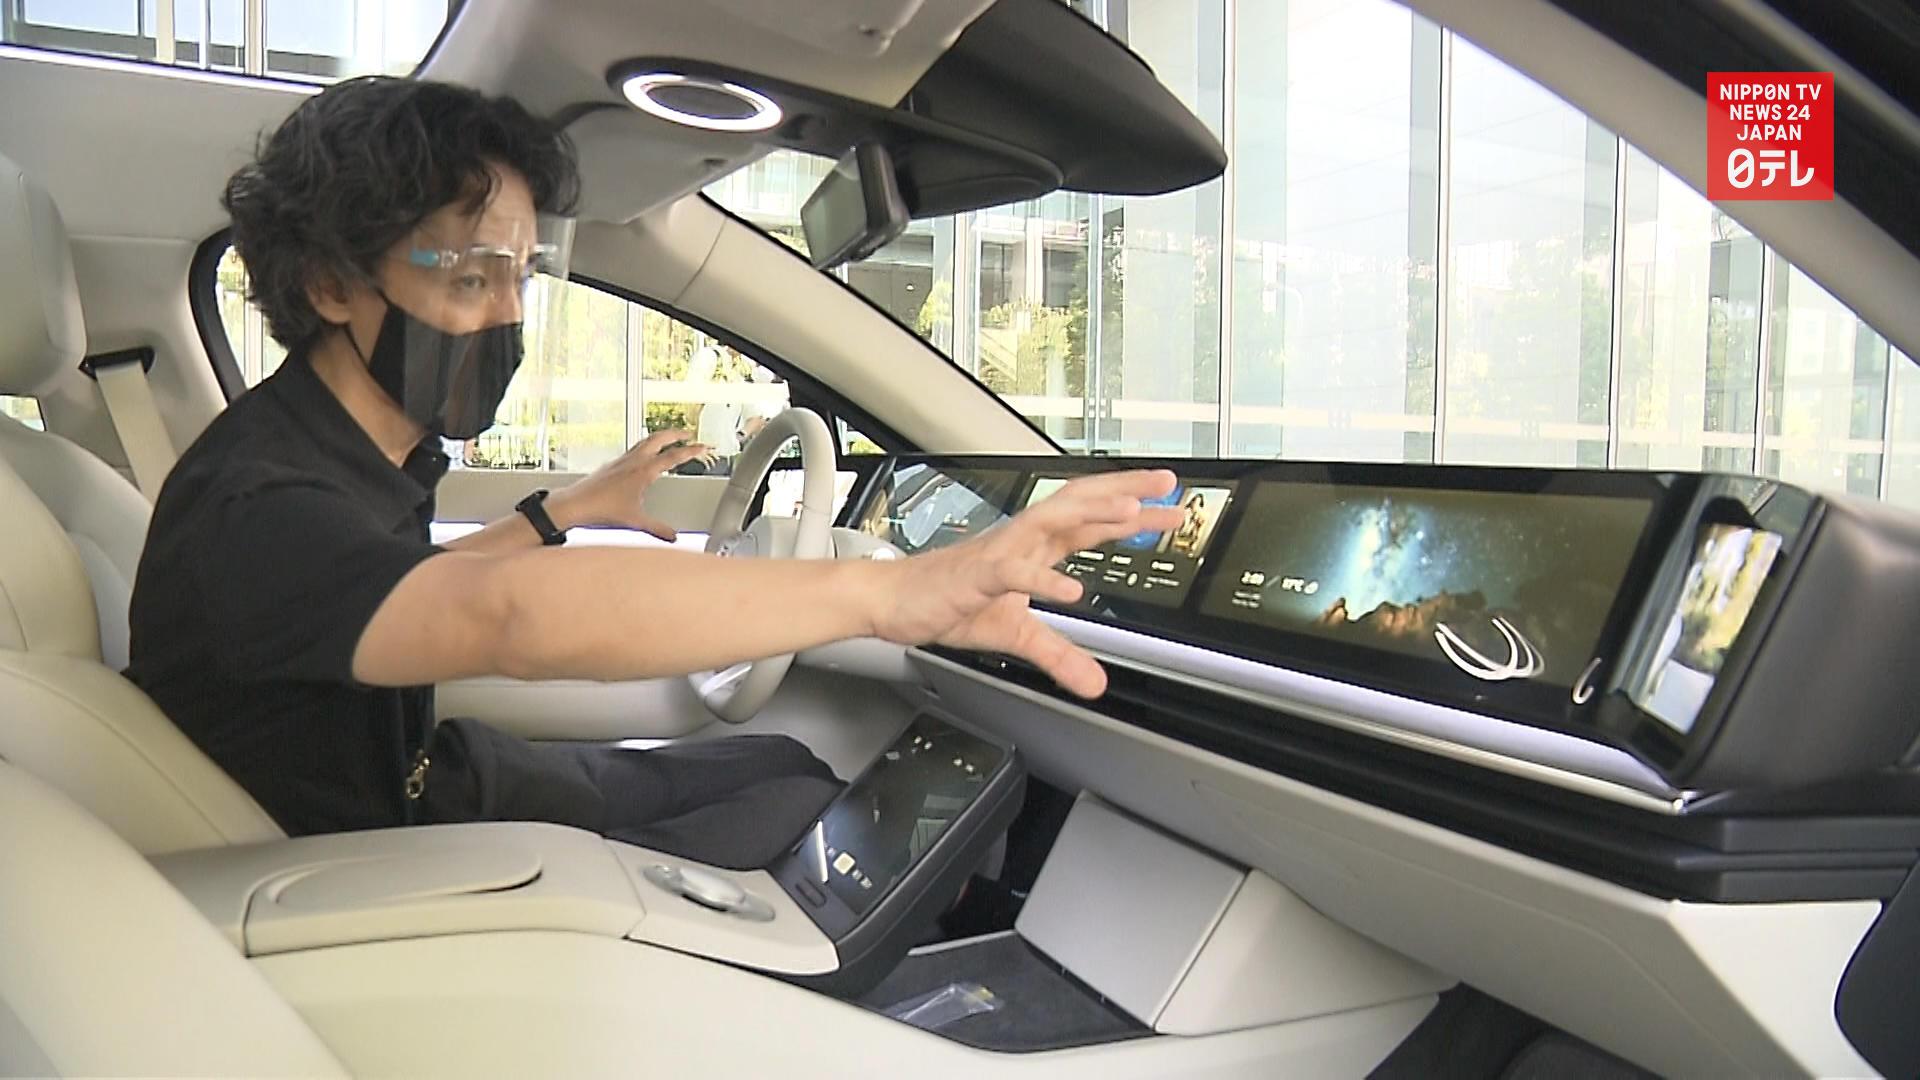 Sony reveals electric vehicle prototype